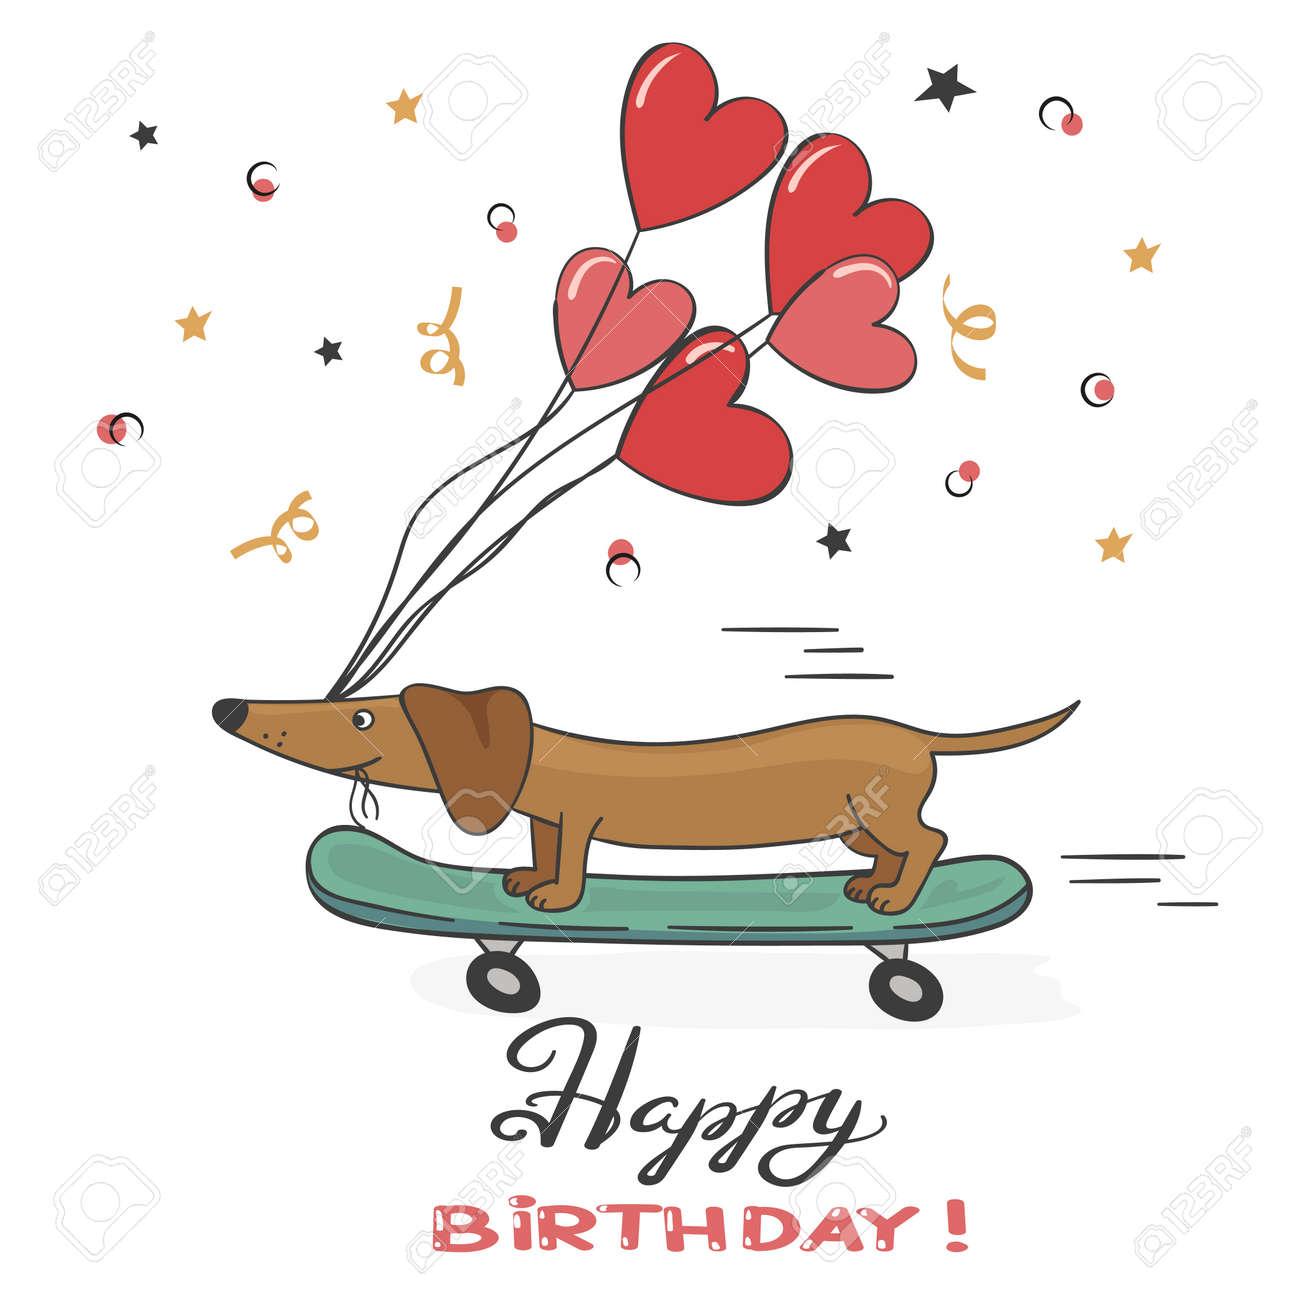 Grusskarte Mit Niedlichen Dackel Hund Und Luftballons Alles Gute Zum